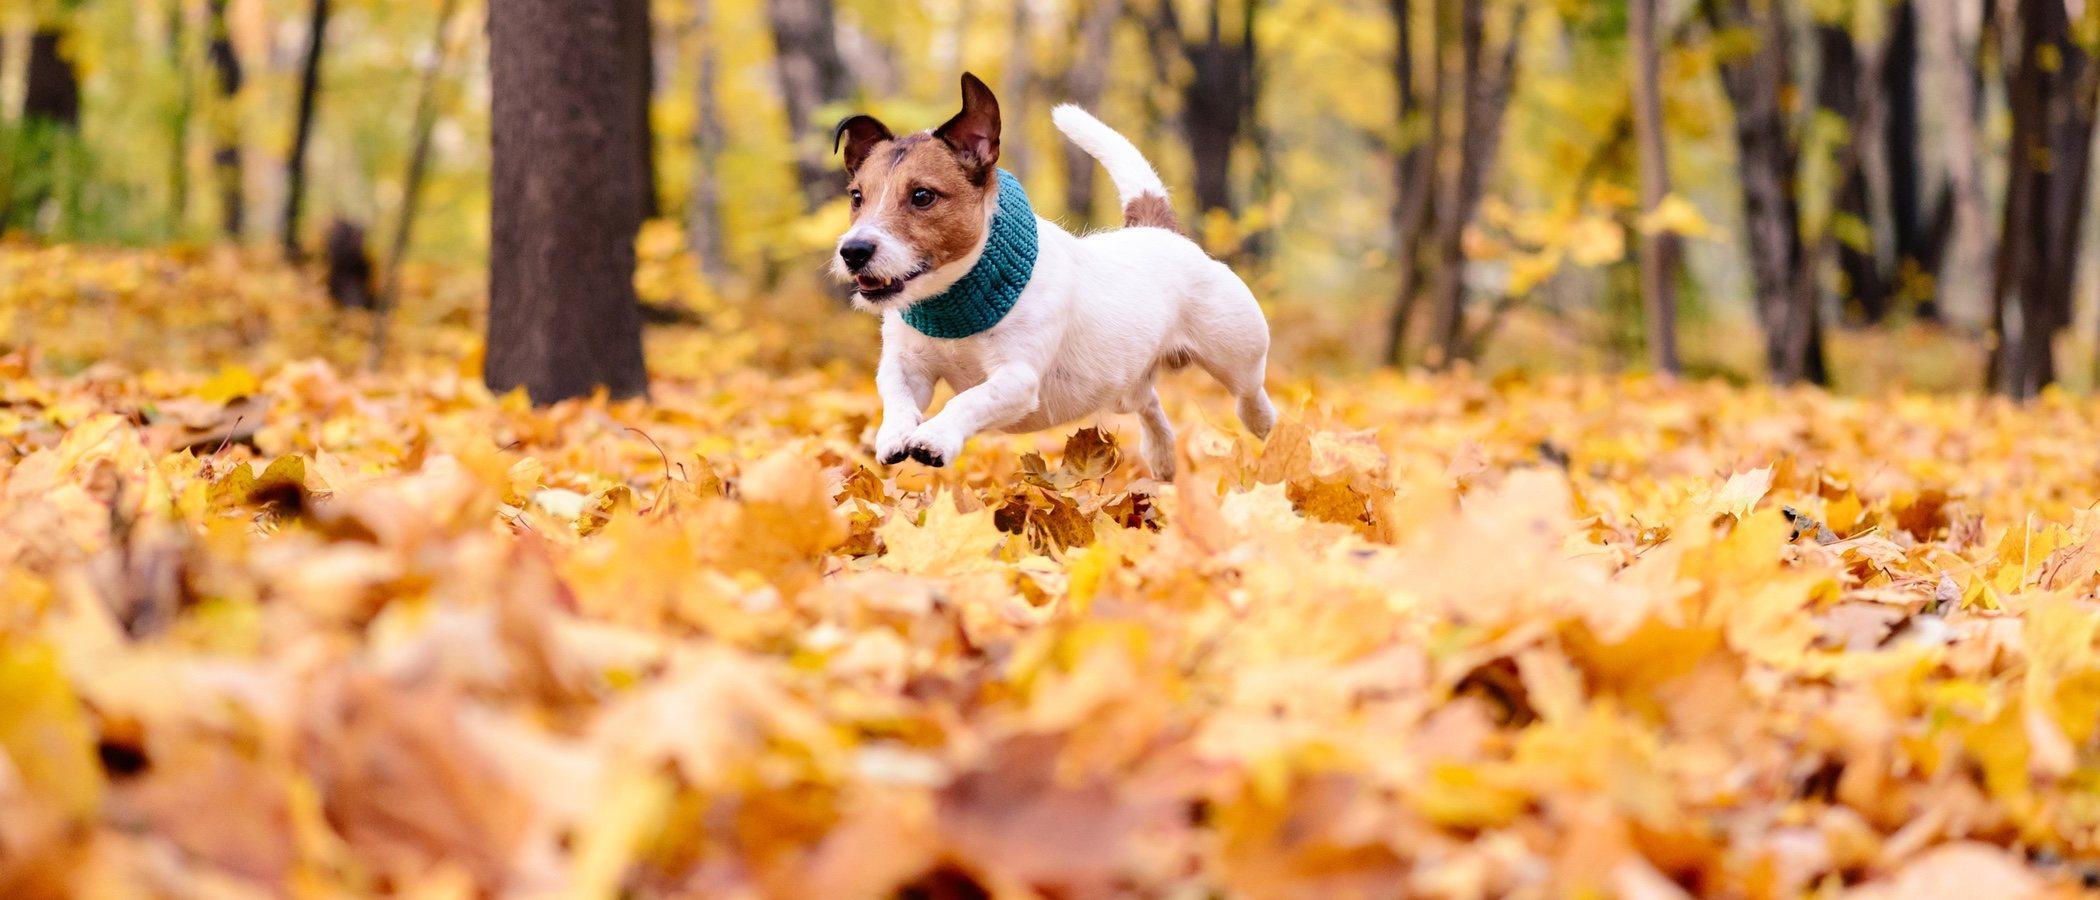 Cómo cuidar a tu perro en otoño: cuidados específicos